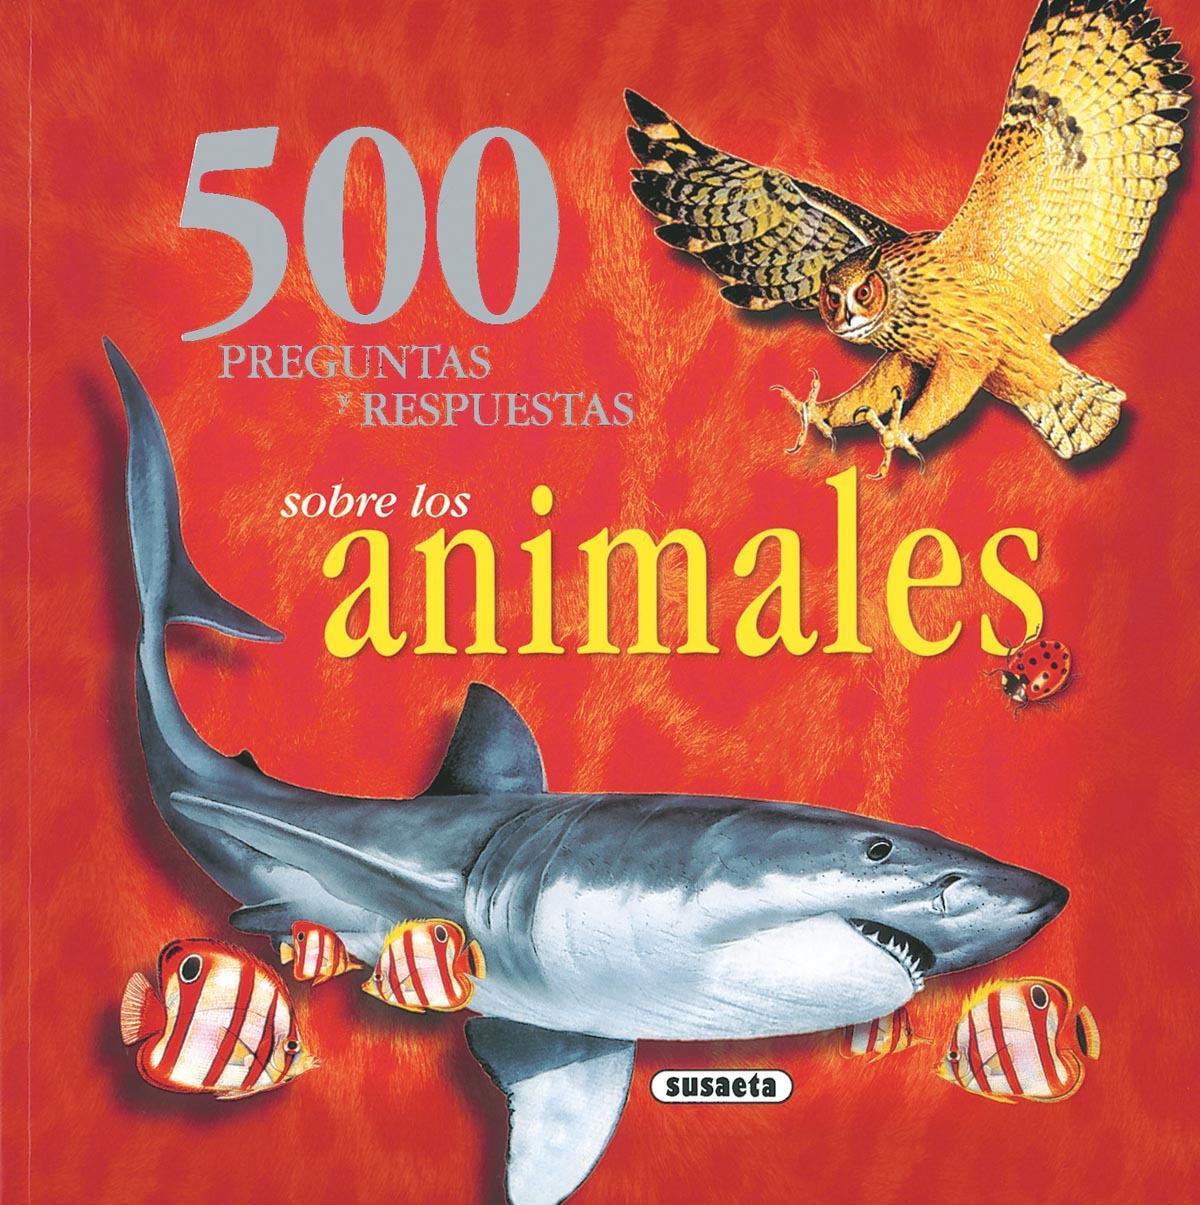 500 Preguntas y respuestas sobre los animales - Susaeta, Equipo